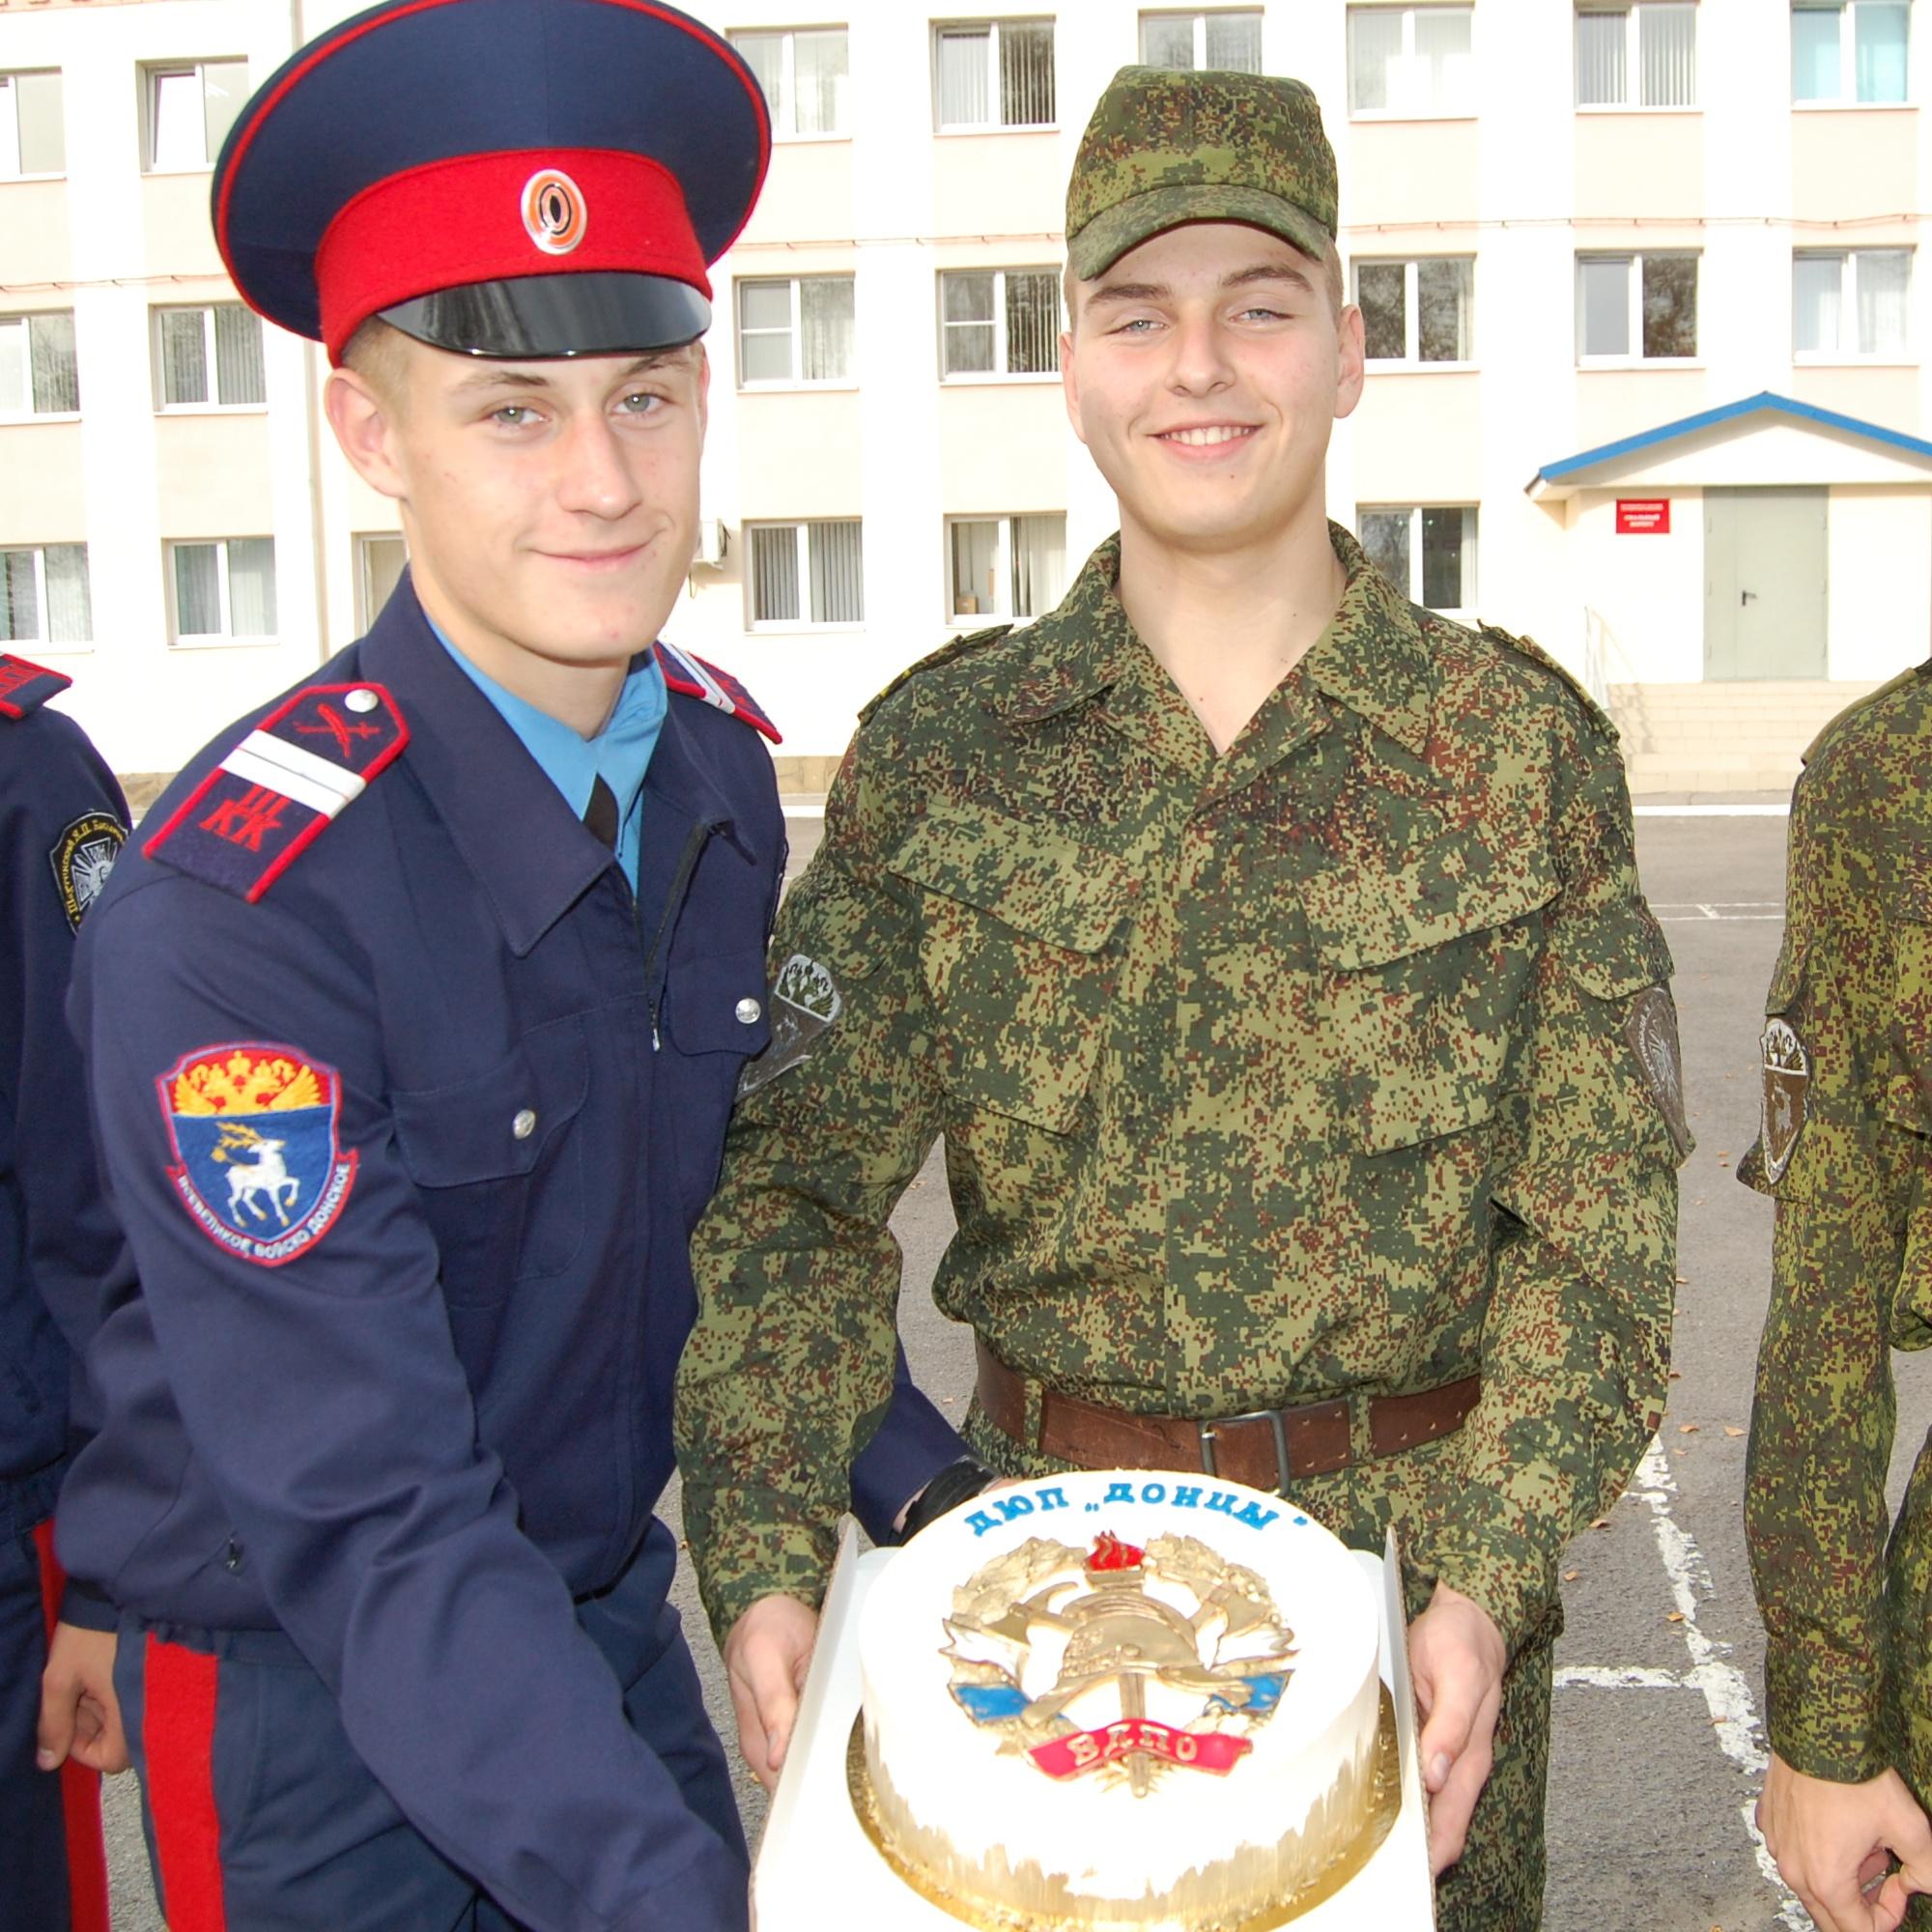 Юных пожарных «Донцы» наградили в стенах родного заведения